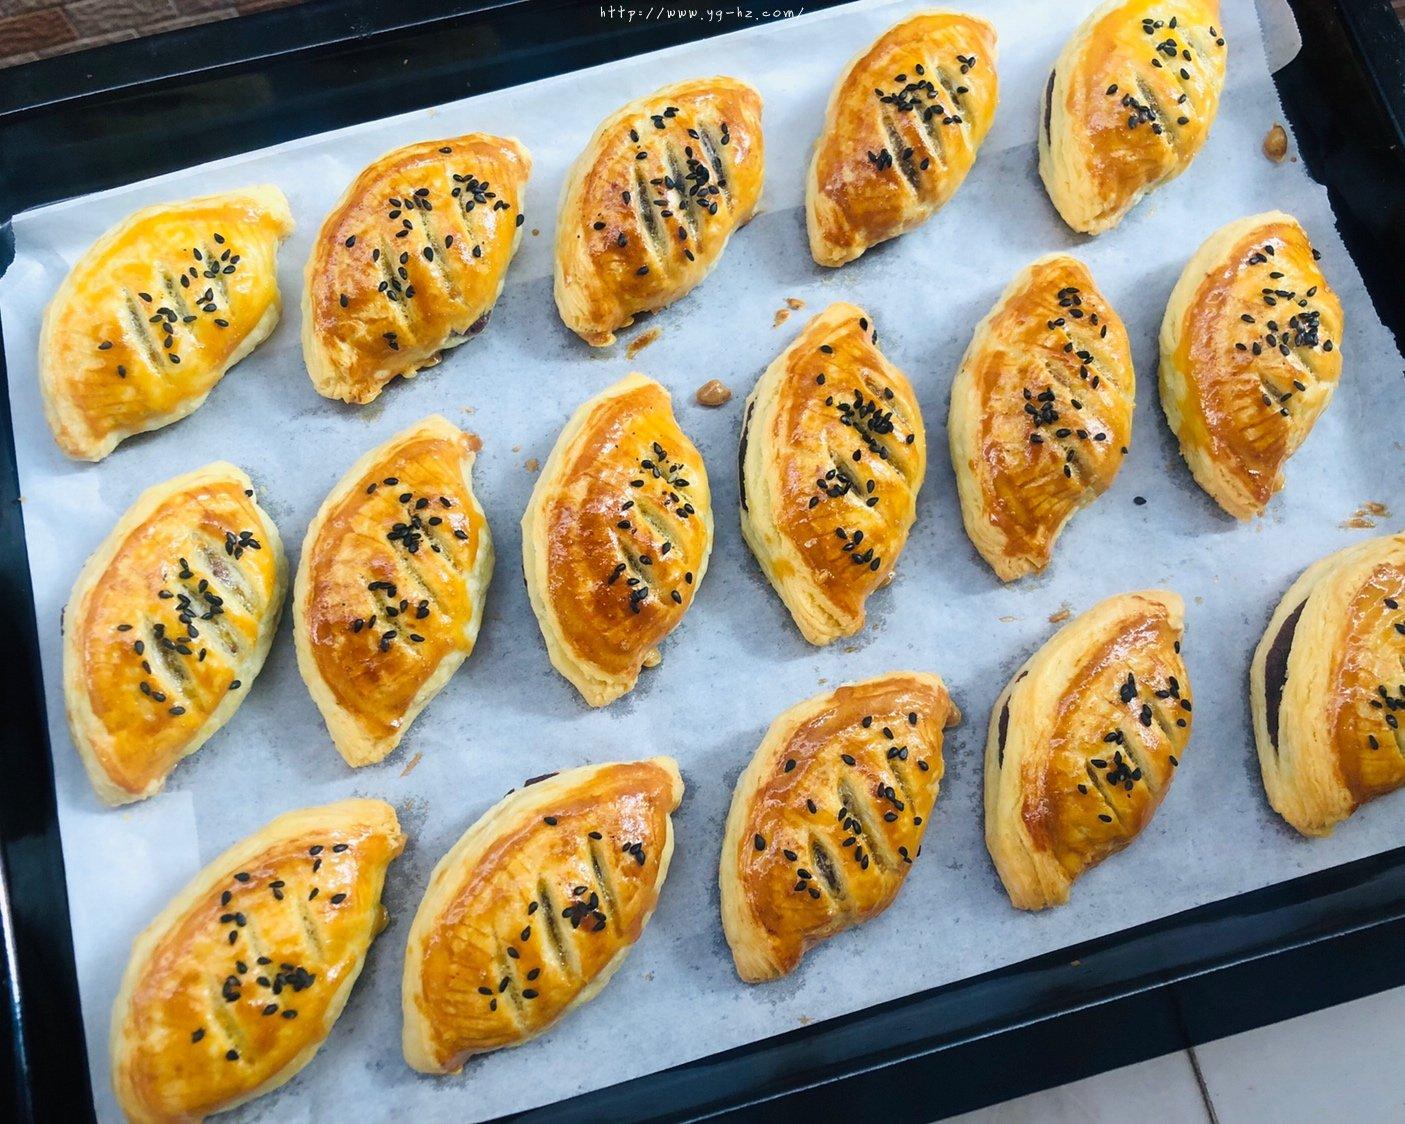 蛋挞皮版红豆酥的做法